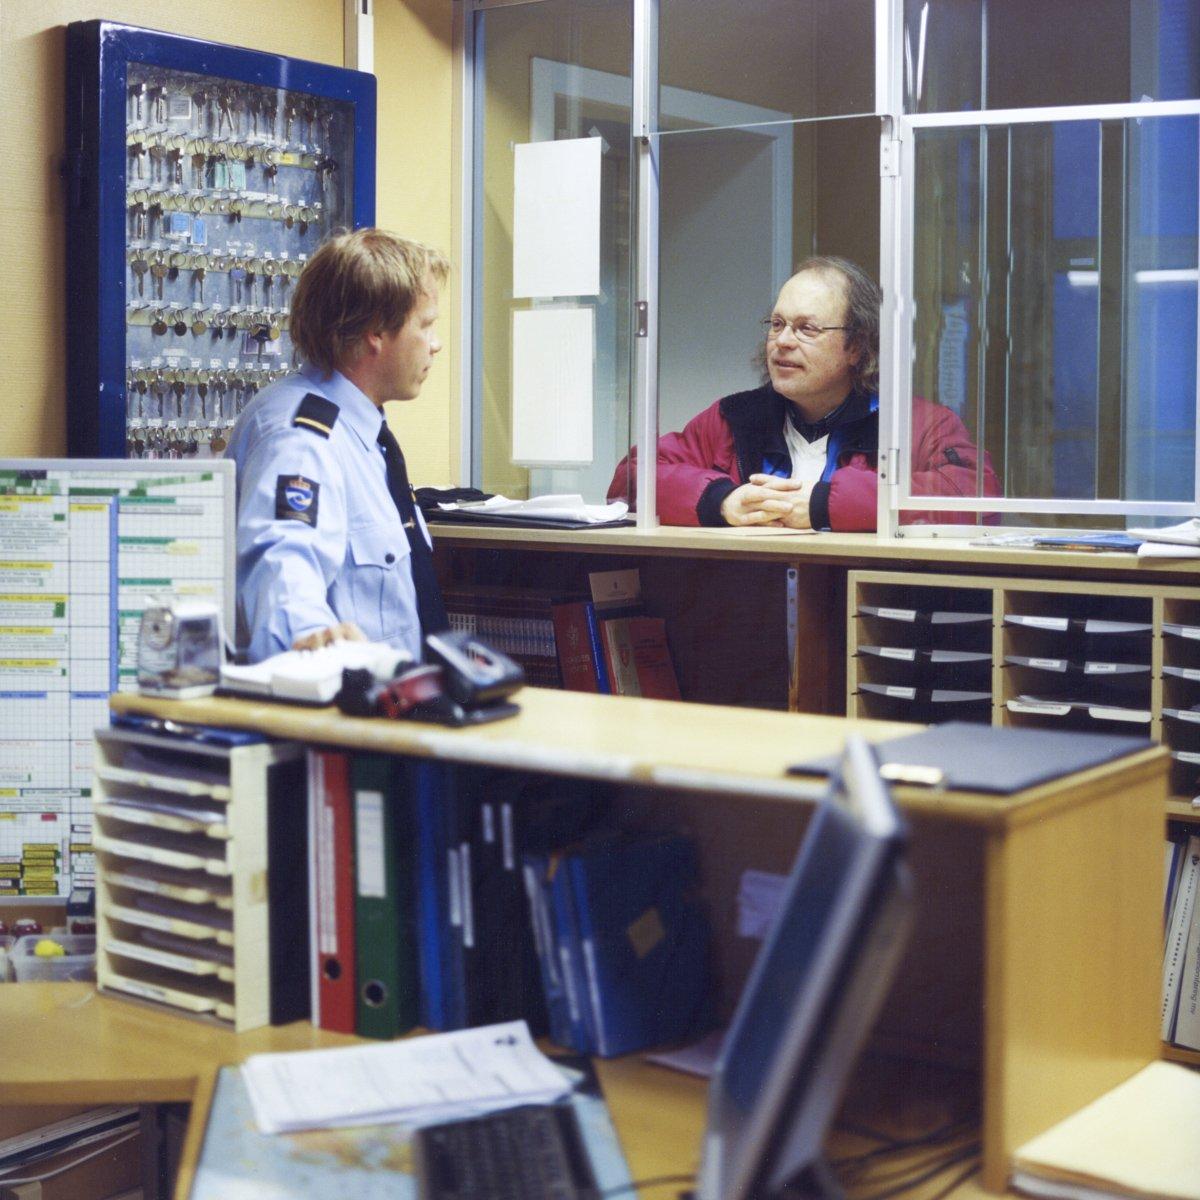 Prisão da Noruega para criminosos violentos parece mais uma colônia de fêrias 17